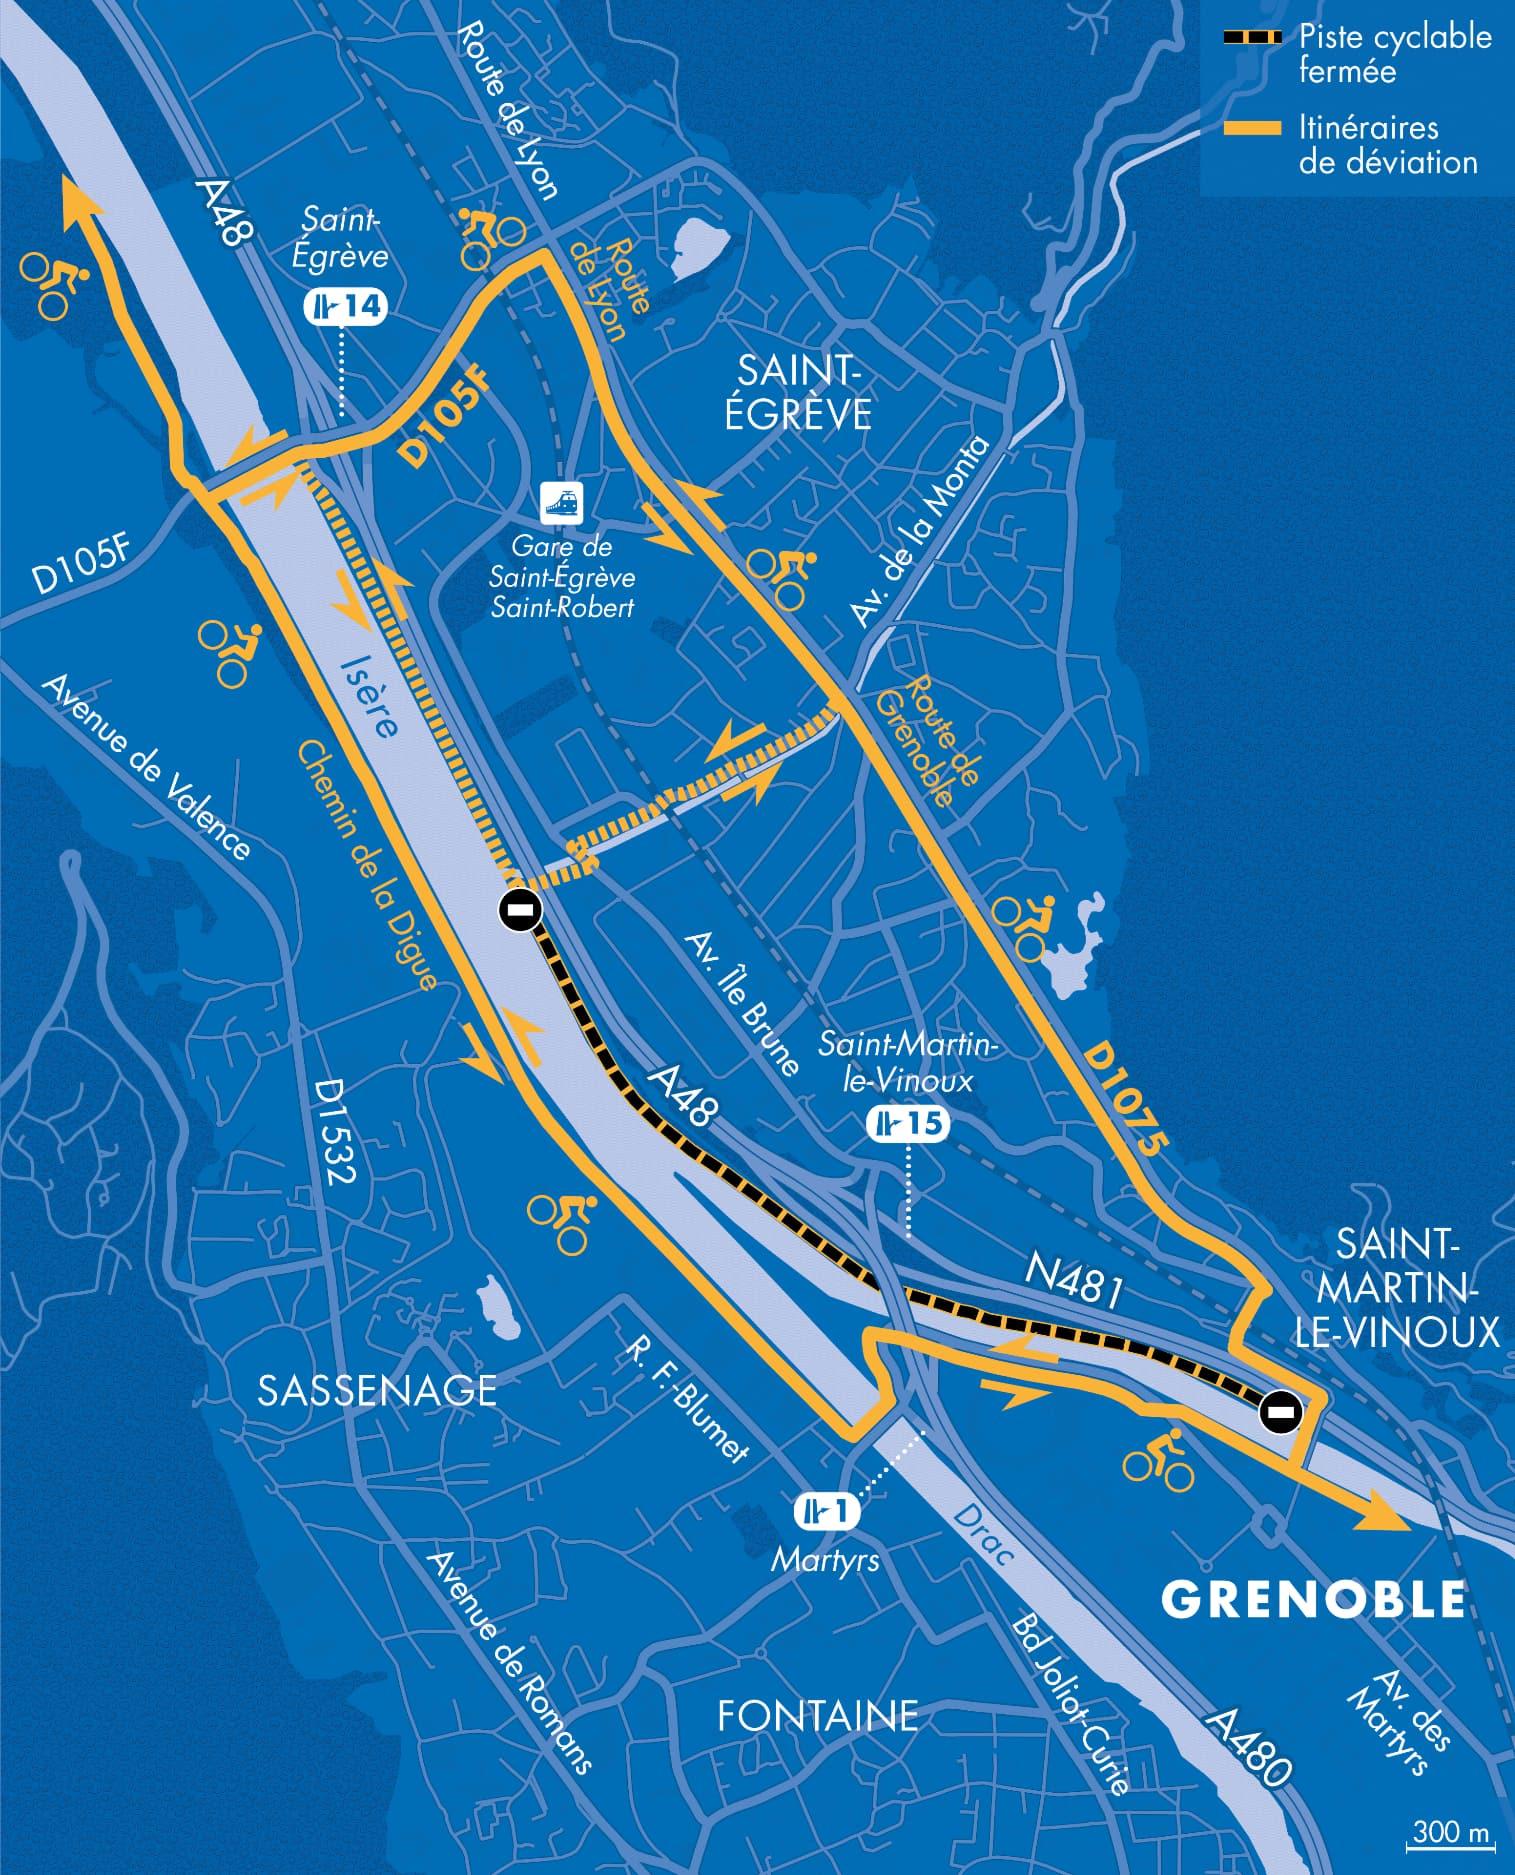 Carte des itinéraires de déviations pour les cyclistes suite à la fermeture de la voie sur berge en rive droite de l'Isère à Grenoble